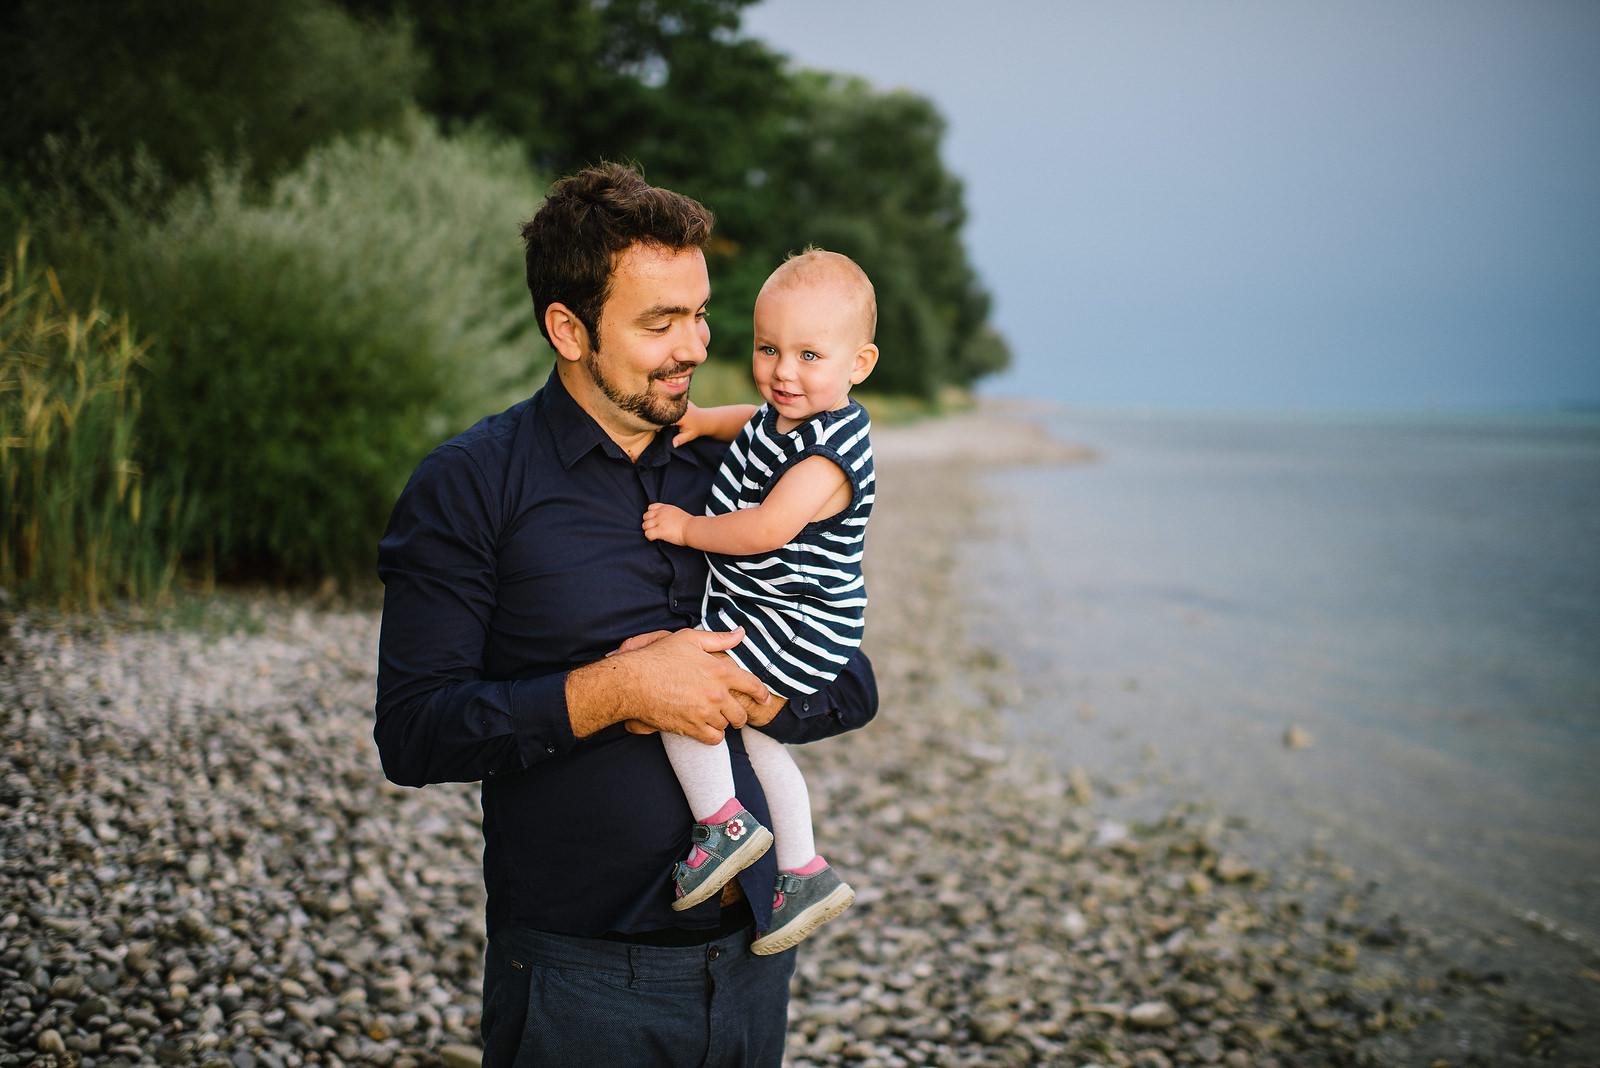 Fotograf Konstanz - Familienbilder Familien Musiker Baby Paar Shooting Konstanz EFP 04 - Familienbilder am Bodenseeufer bei Konstanz  - 30 -